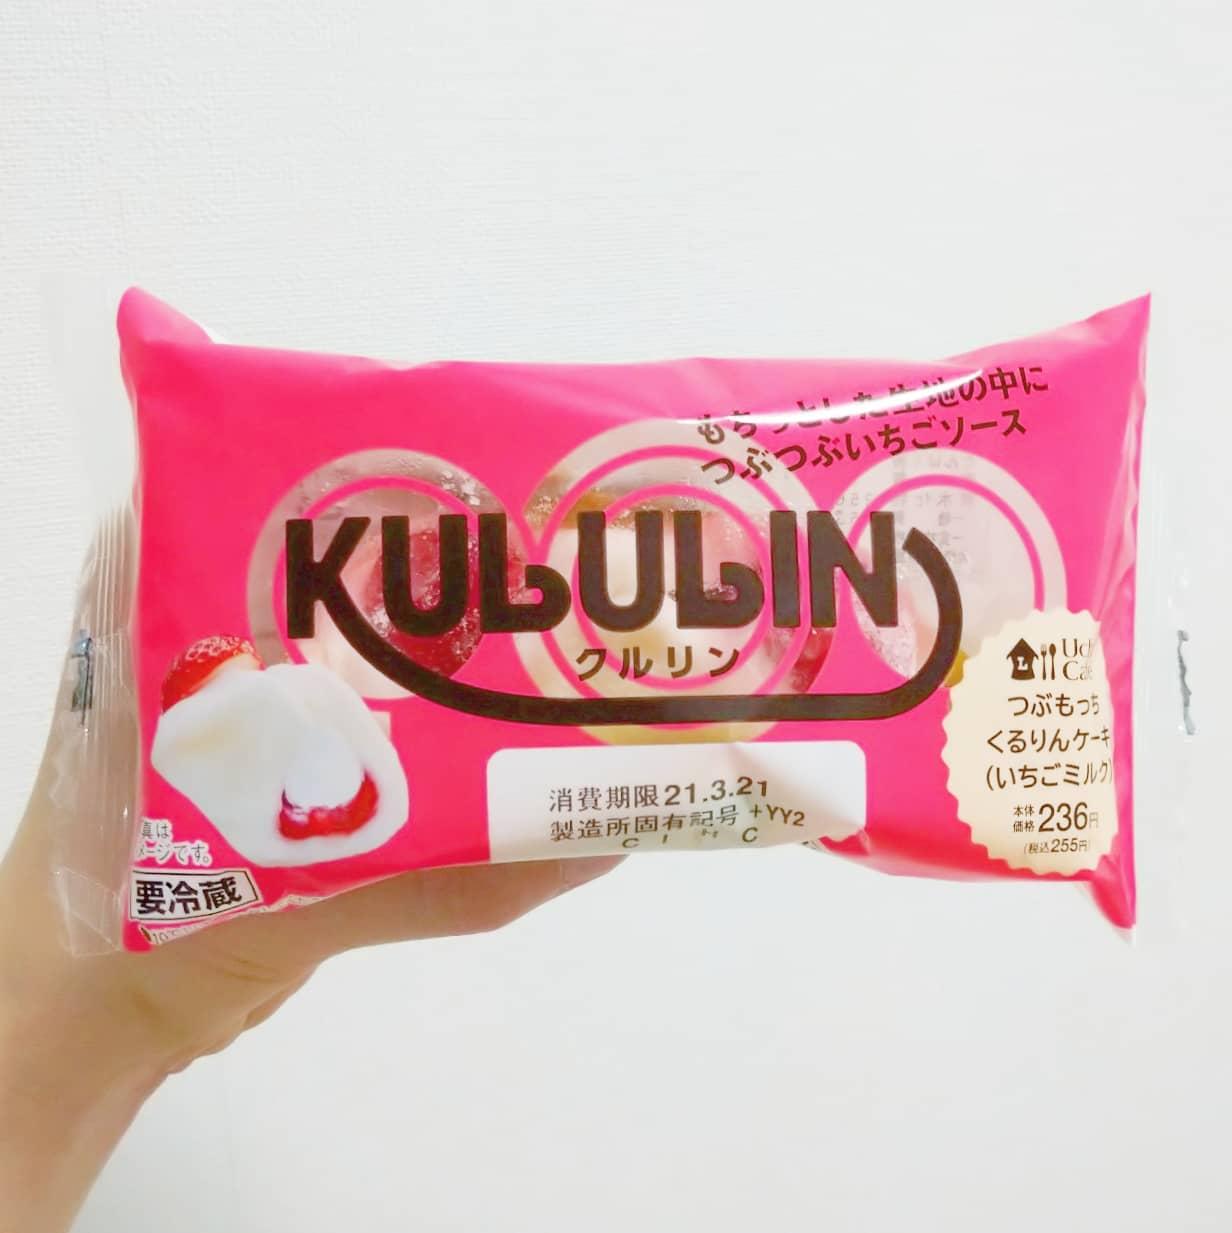 #いちごミルクラブ #山崎製パン  #つぶもっちくるりんケーキいちごミルク 謎イチゴ系---☆-本物イチゴ系甘さ強め系--☆--控え目系こってり系--☆--さっぱり系超ミルク系-☆---ほんのり系おもいで度--☆-- #侍猫度本物苺&ジャムの酸味にミルククリームが美味いね。もちふわ生地も良いんですけど、ちょいと小さいかなぁ〜。あと2個は食べたいね。ローソンで買ったやつだね。#いちごオレ #いちごオレ味 #いちごミルク #いちごミルクみたい #いちご牛乳 #いちご牛乳味 #イチゴ牛乳 #いちご牛乳クラブ #苺牛乳 #苺牛乳が好き #苺ミルク #苺スイーツ #苺 #苺好きに生まれたからには #メソギア派 #糖分 #いちごミルク味 #スイーツ #スイーツ好き #スイーツスタグラム #スイーツタイム #スイーツ写真 #strawberry #strawberrymilk